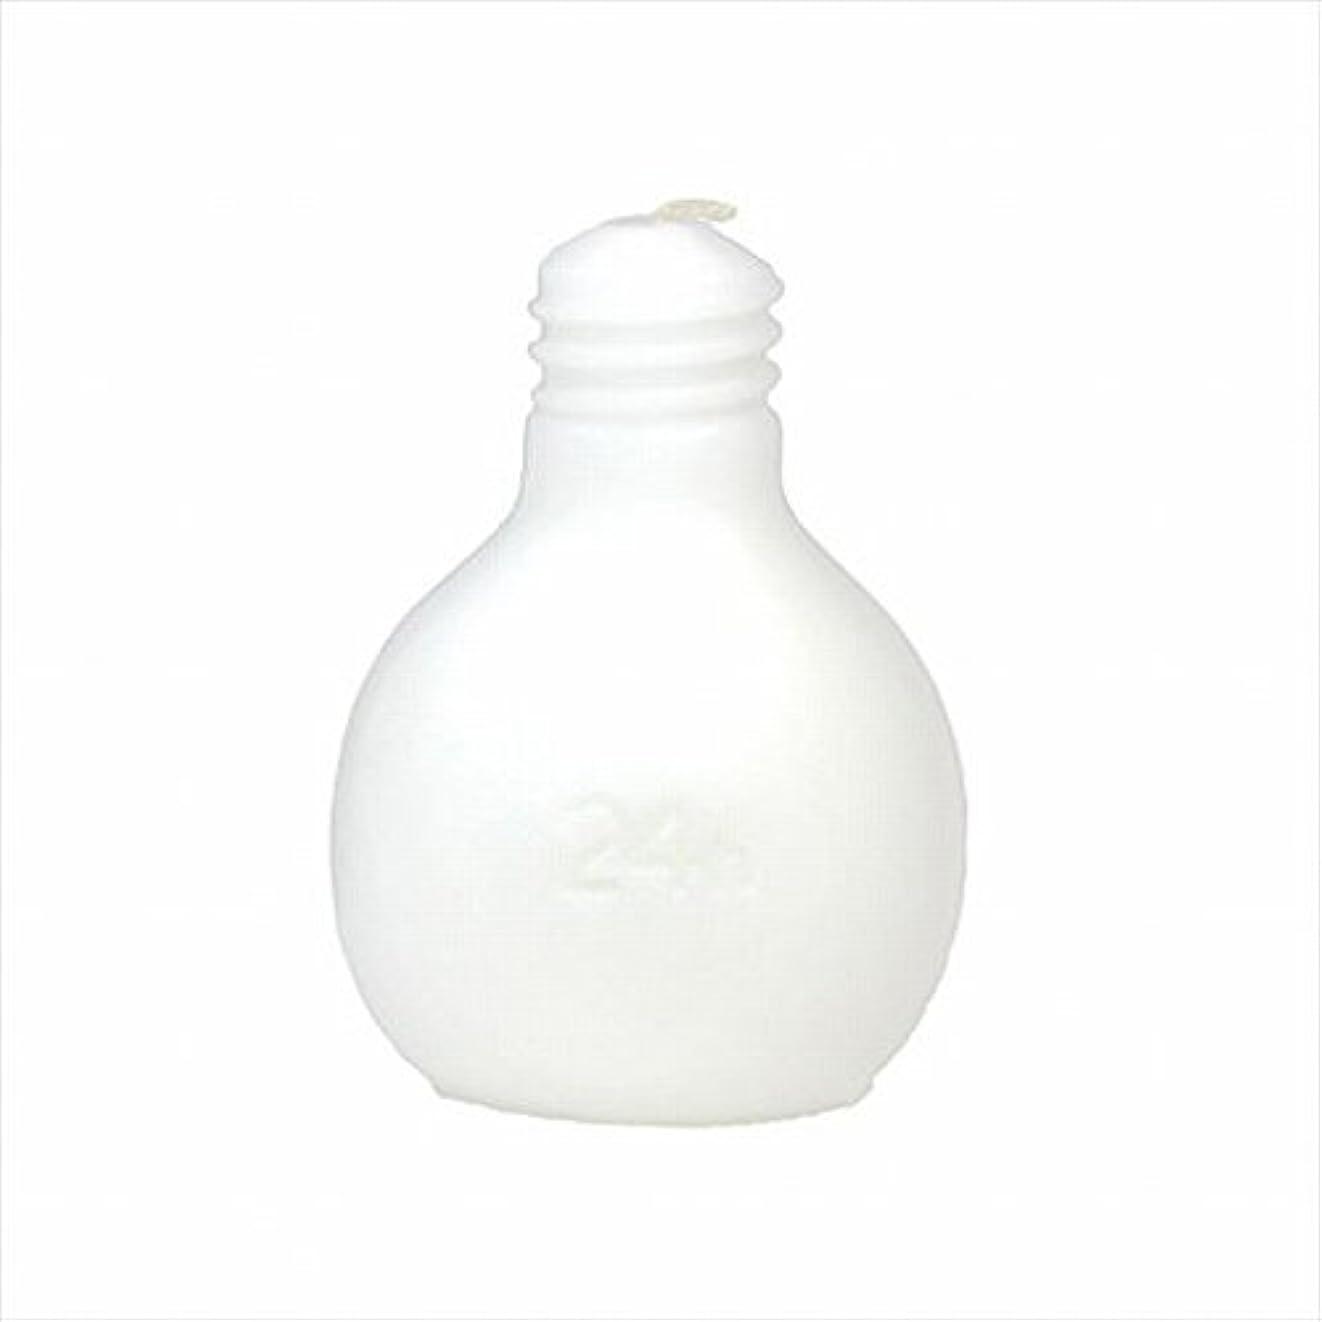 引退した八百屋草カメヤマキャンドル(kameyama candle) 節電球キャンドル 「 ホワイト 」